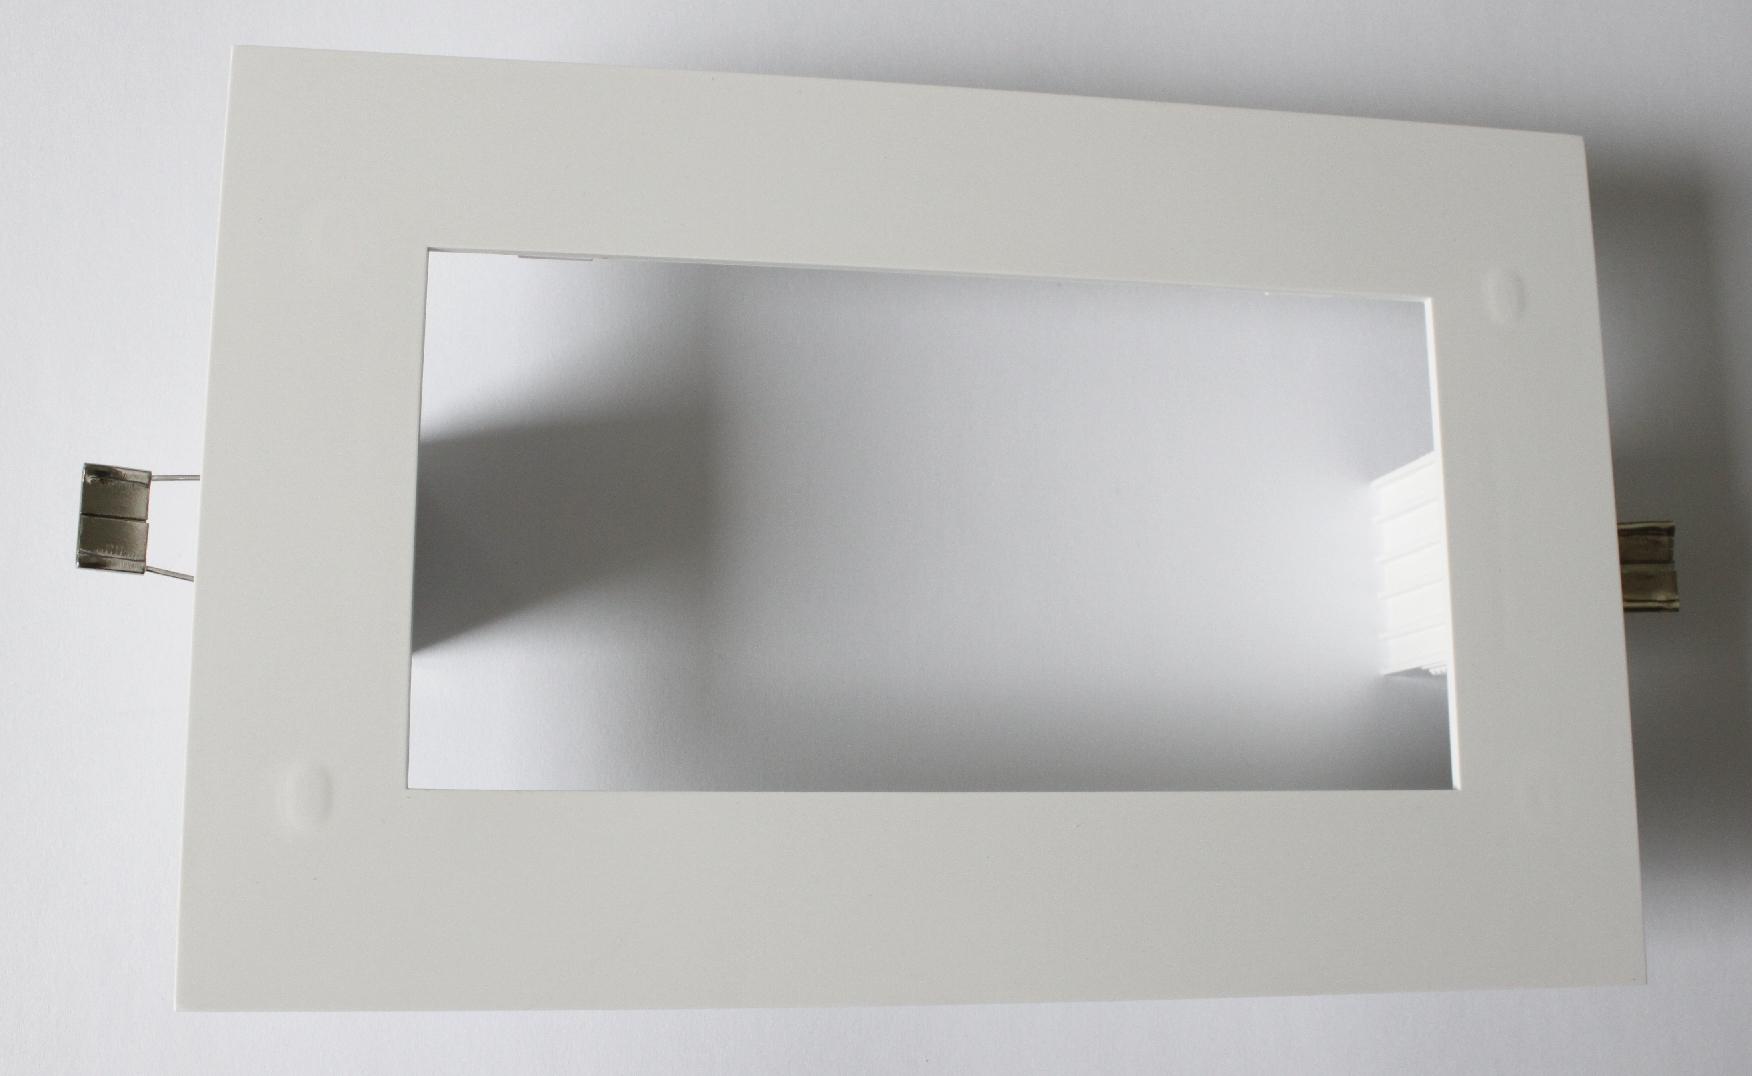 1 Stk Einbaurahmen für KI Leuchte NLKIE-----